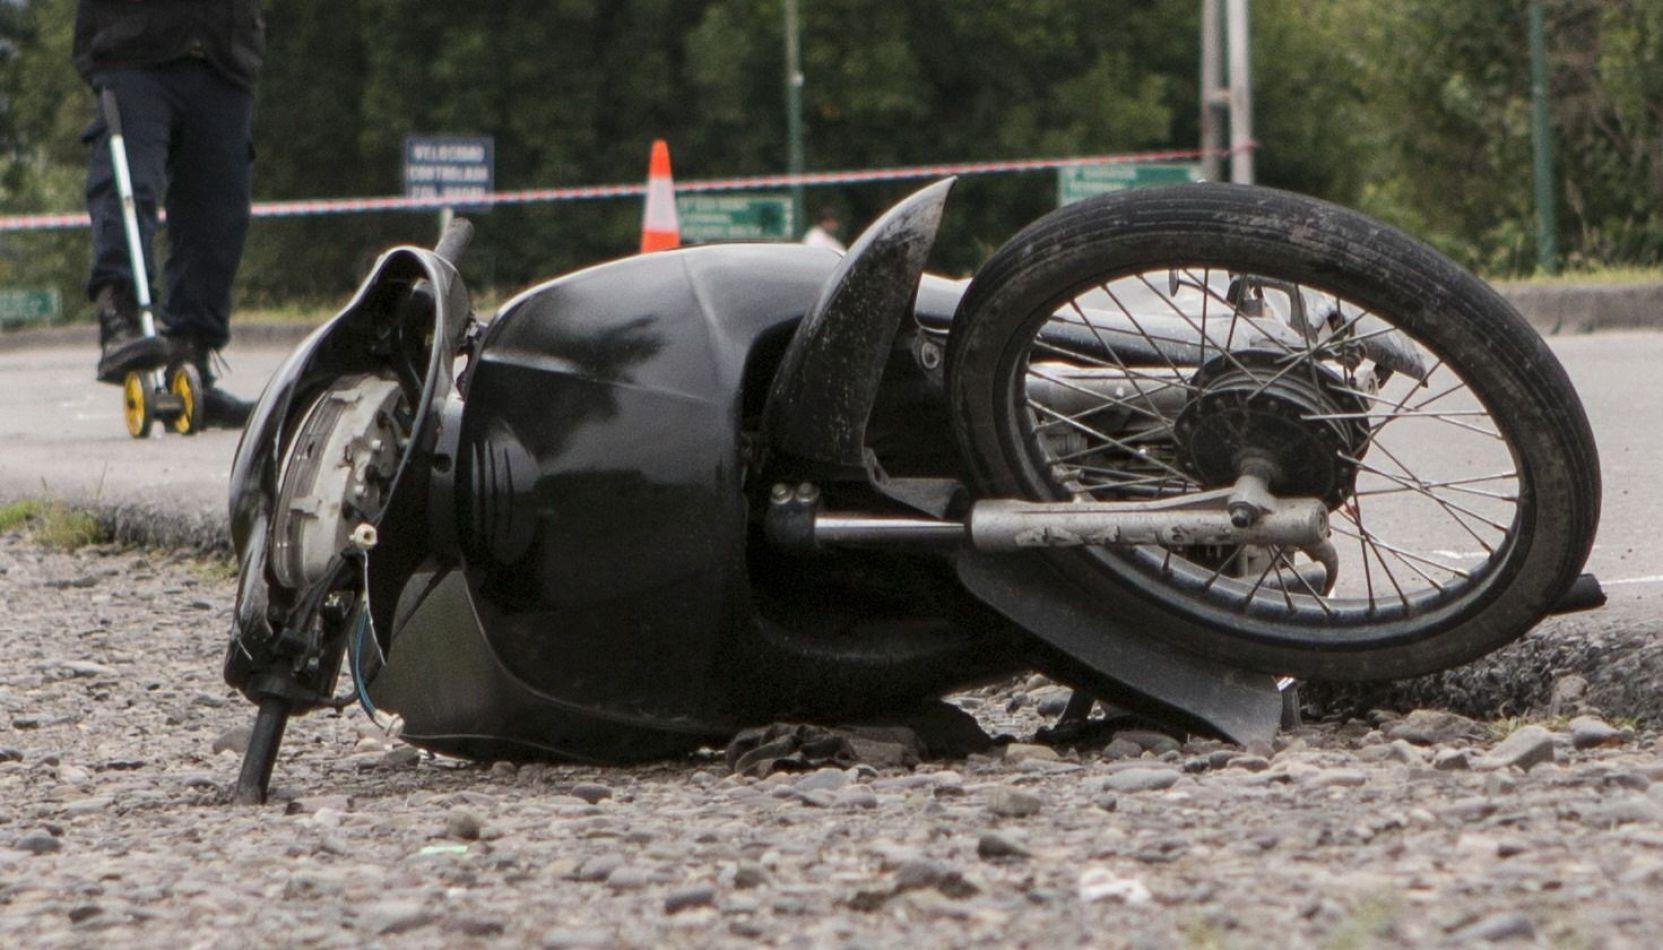 Camionero ebrio mató a un motociclista y huyó: lo atraparon y fue imputado por homicidio